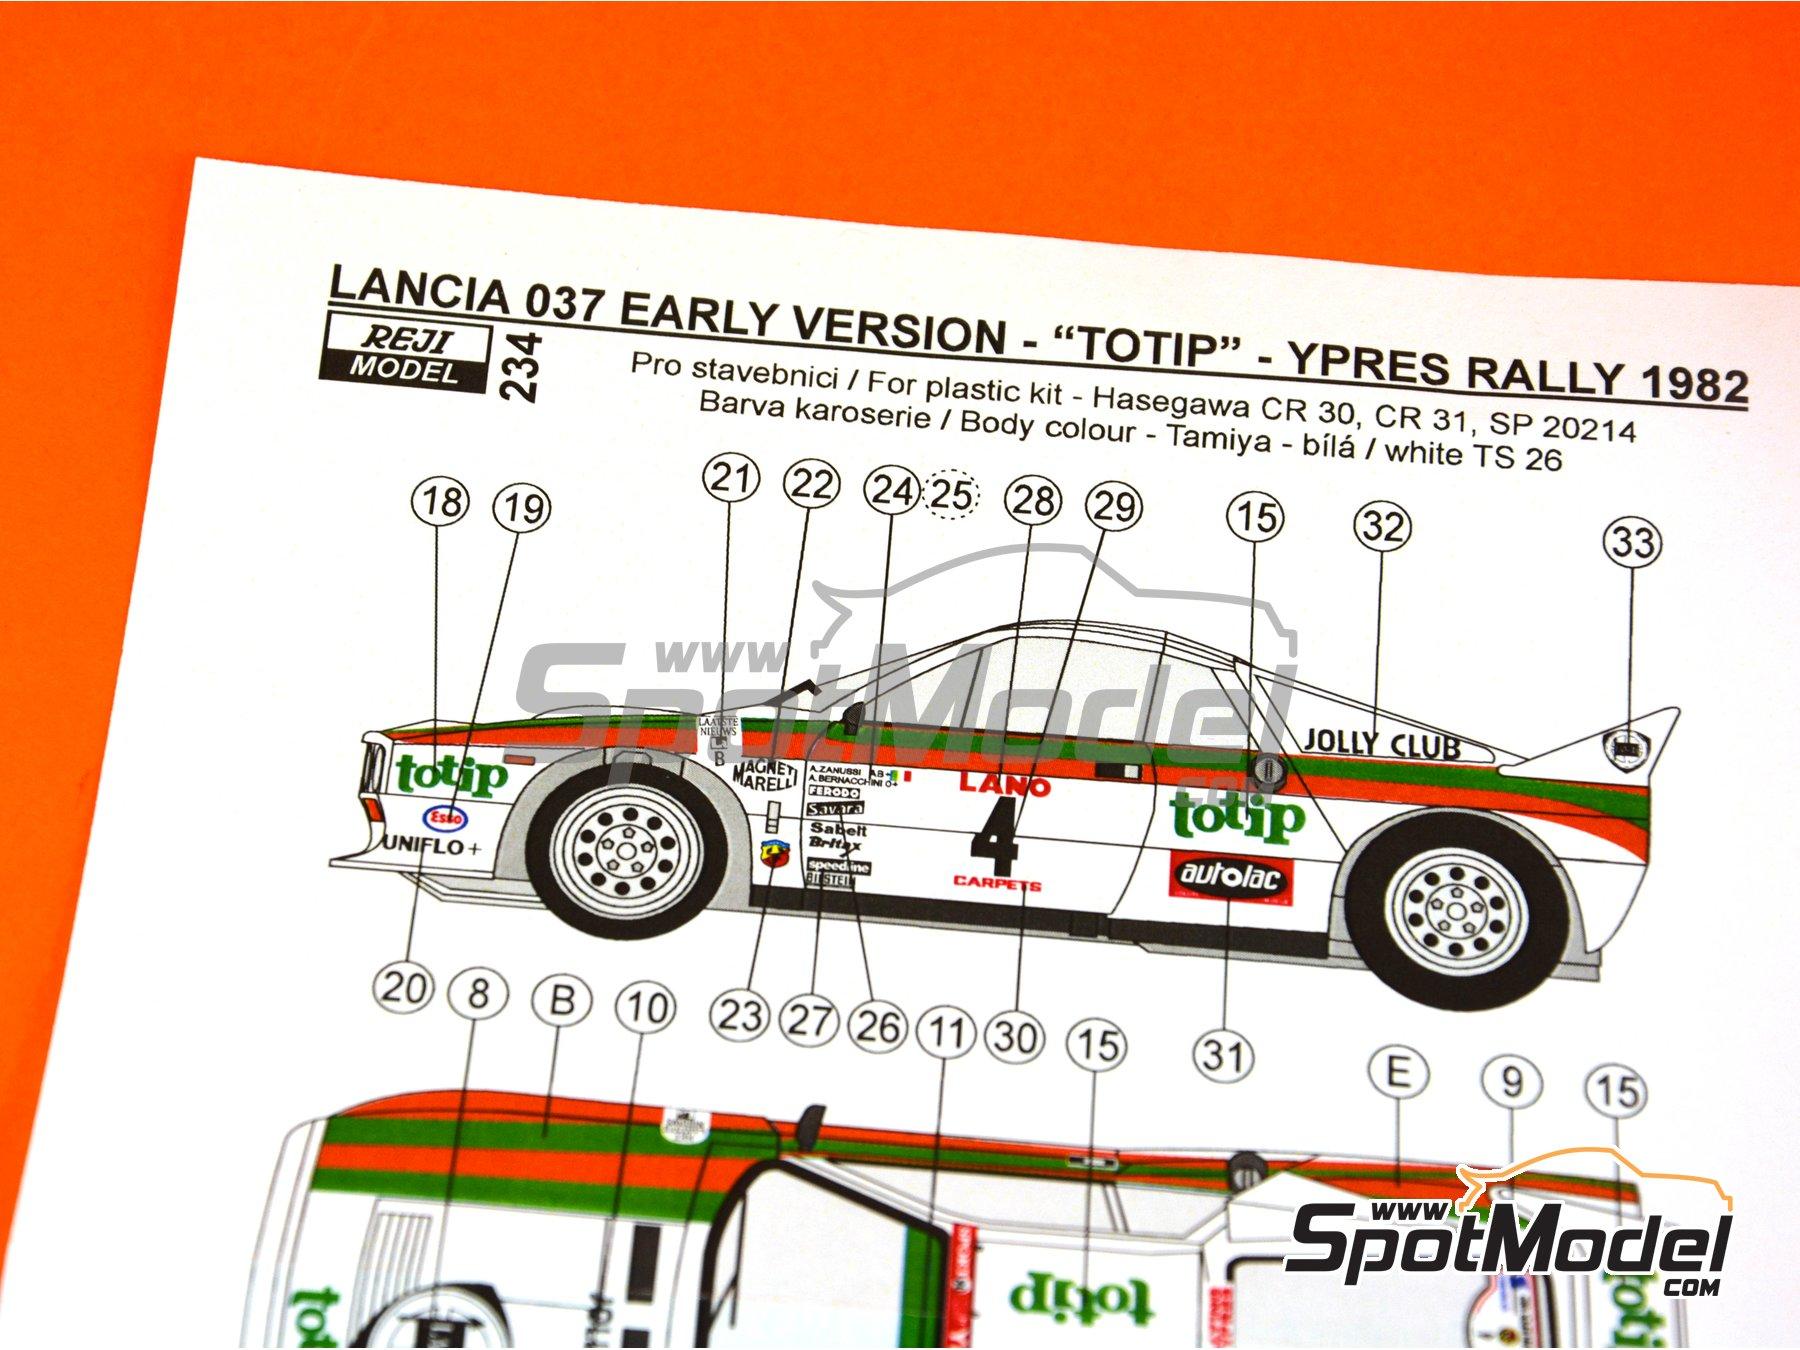 Image 14: Lancia 037 WRC Totip - Rally de Ypres de Belgica 1982   Transkit en escala1/24 fabricado por Reji Model (ref.REJI-234)